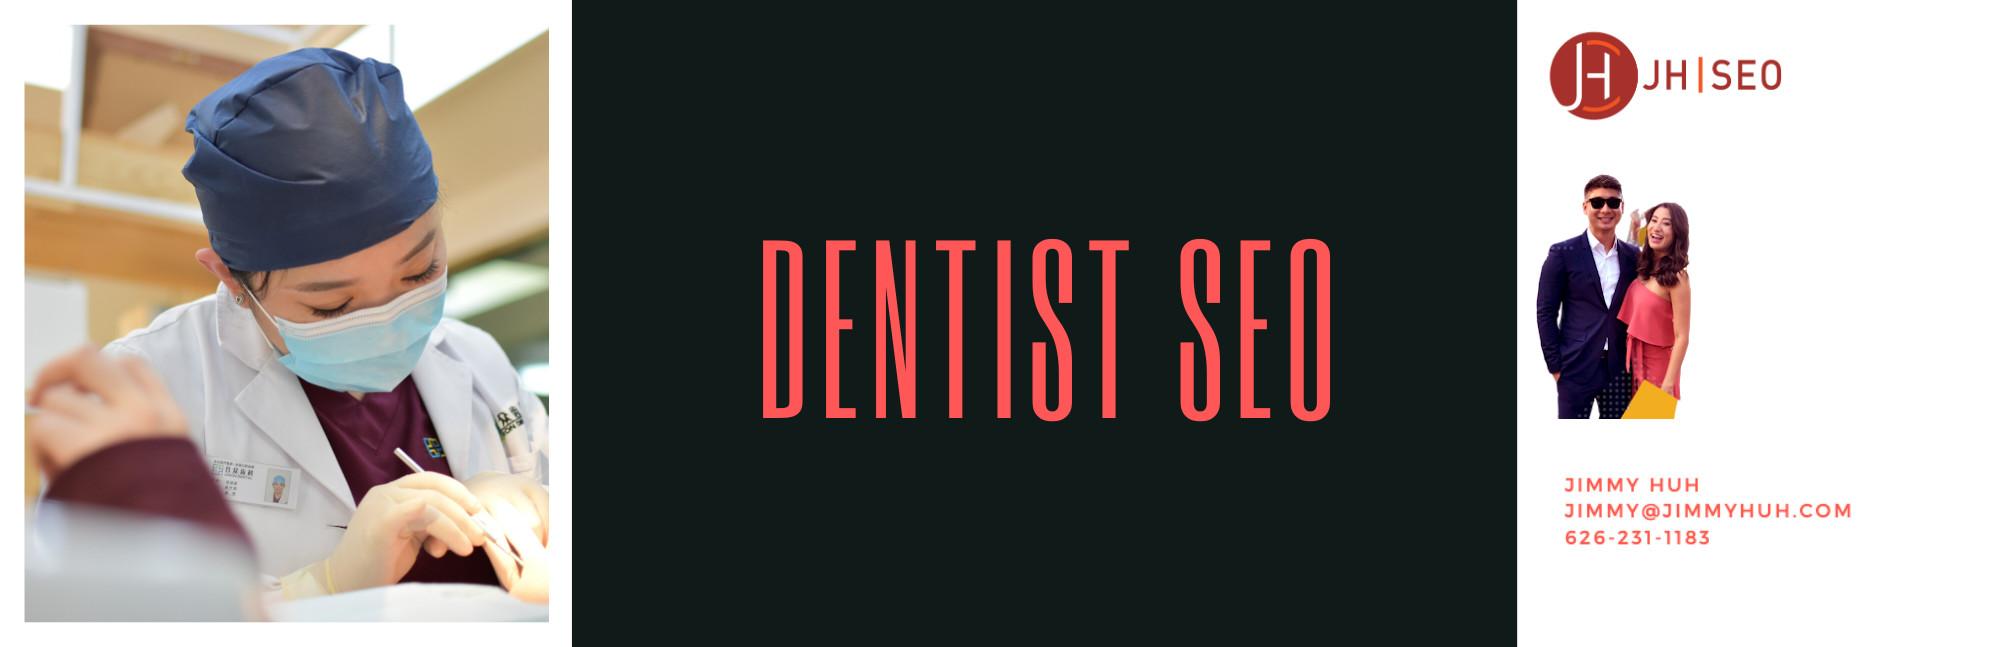 Dental SEO Dentist SEO